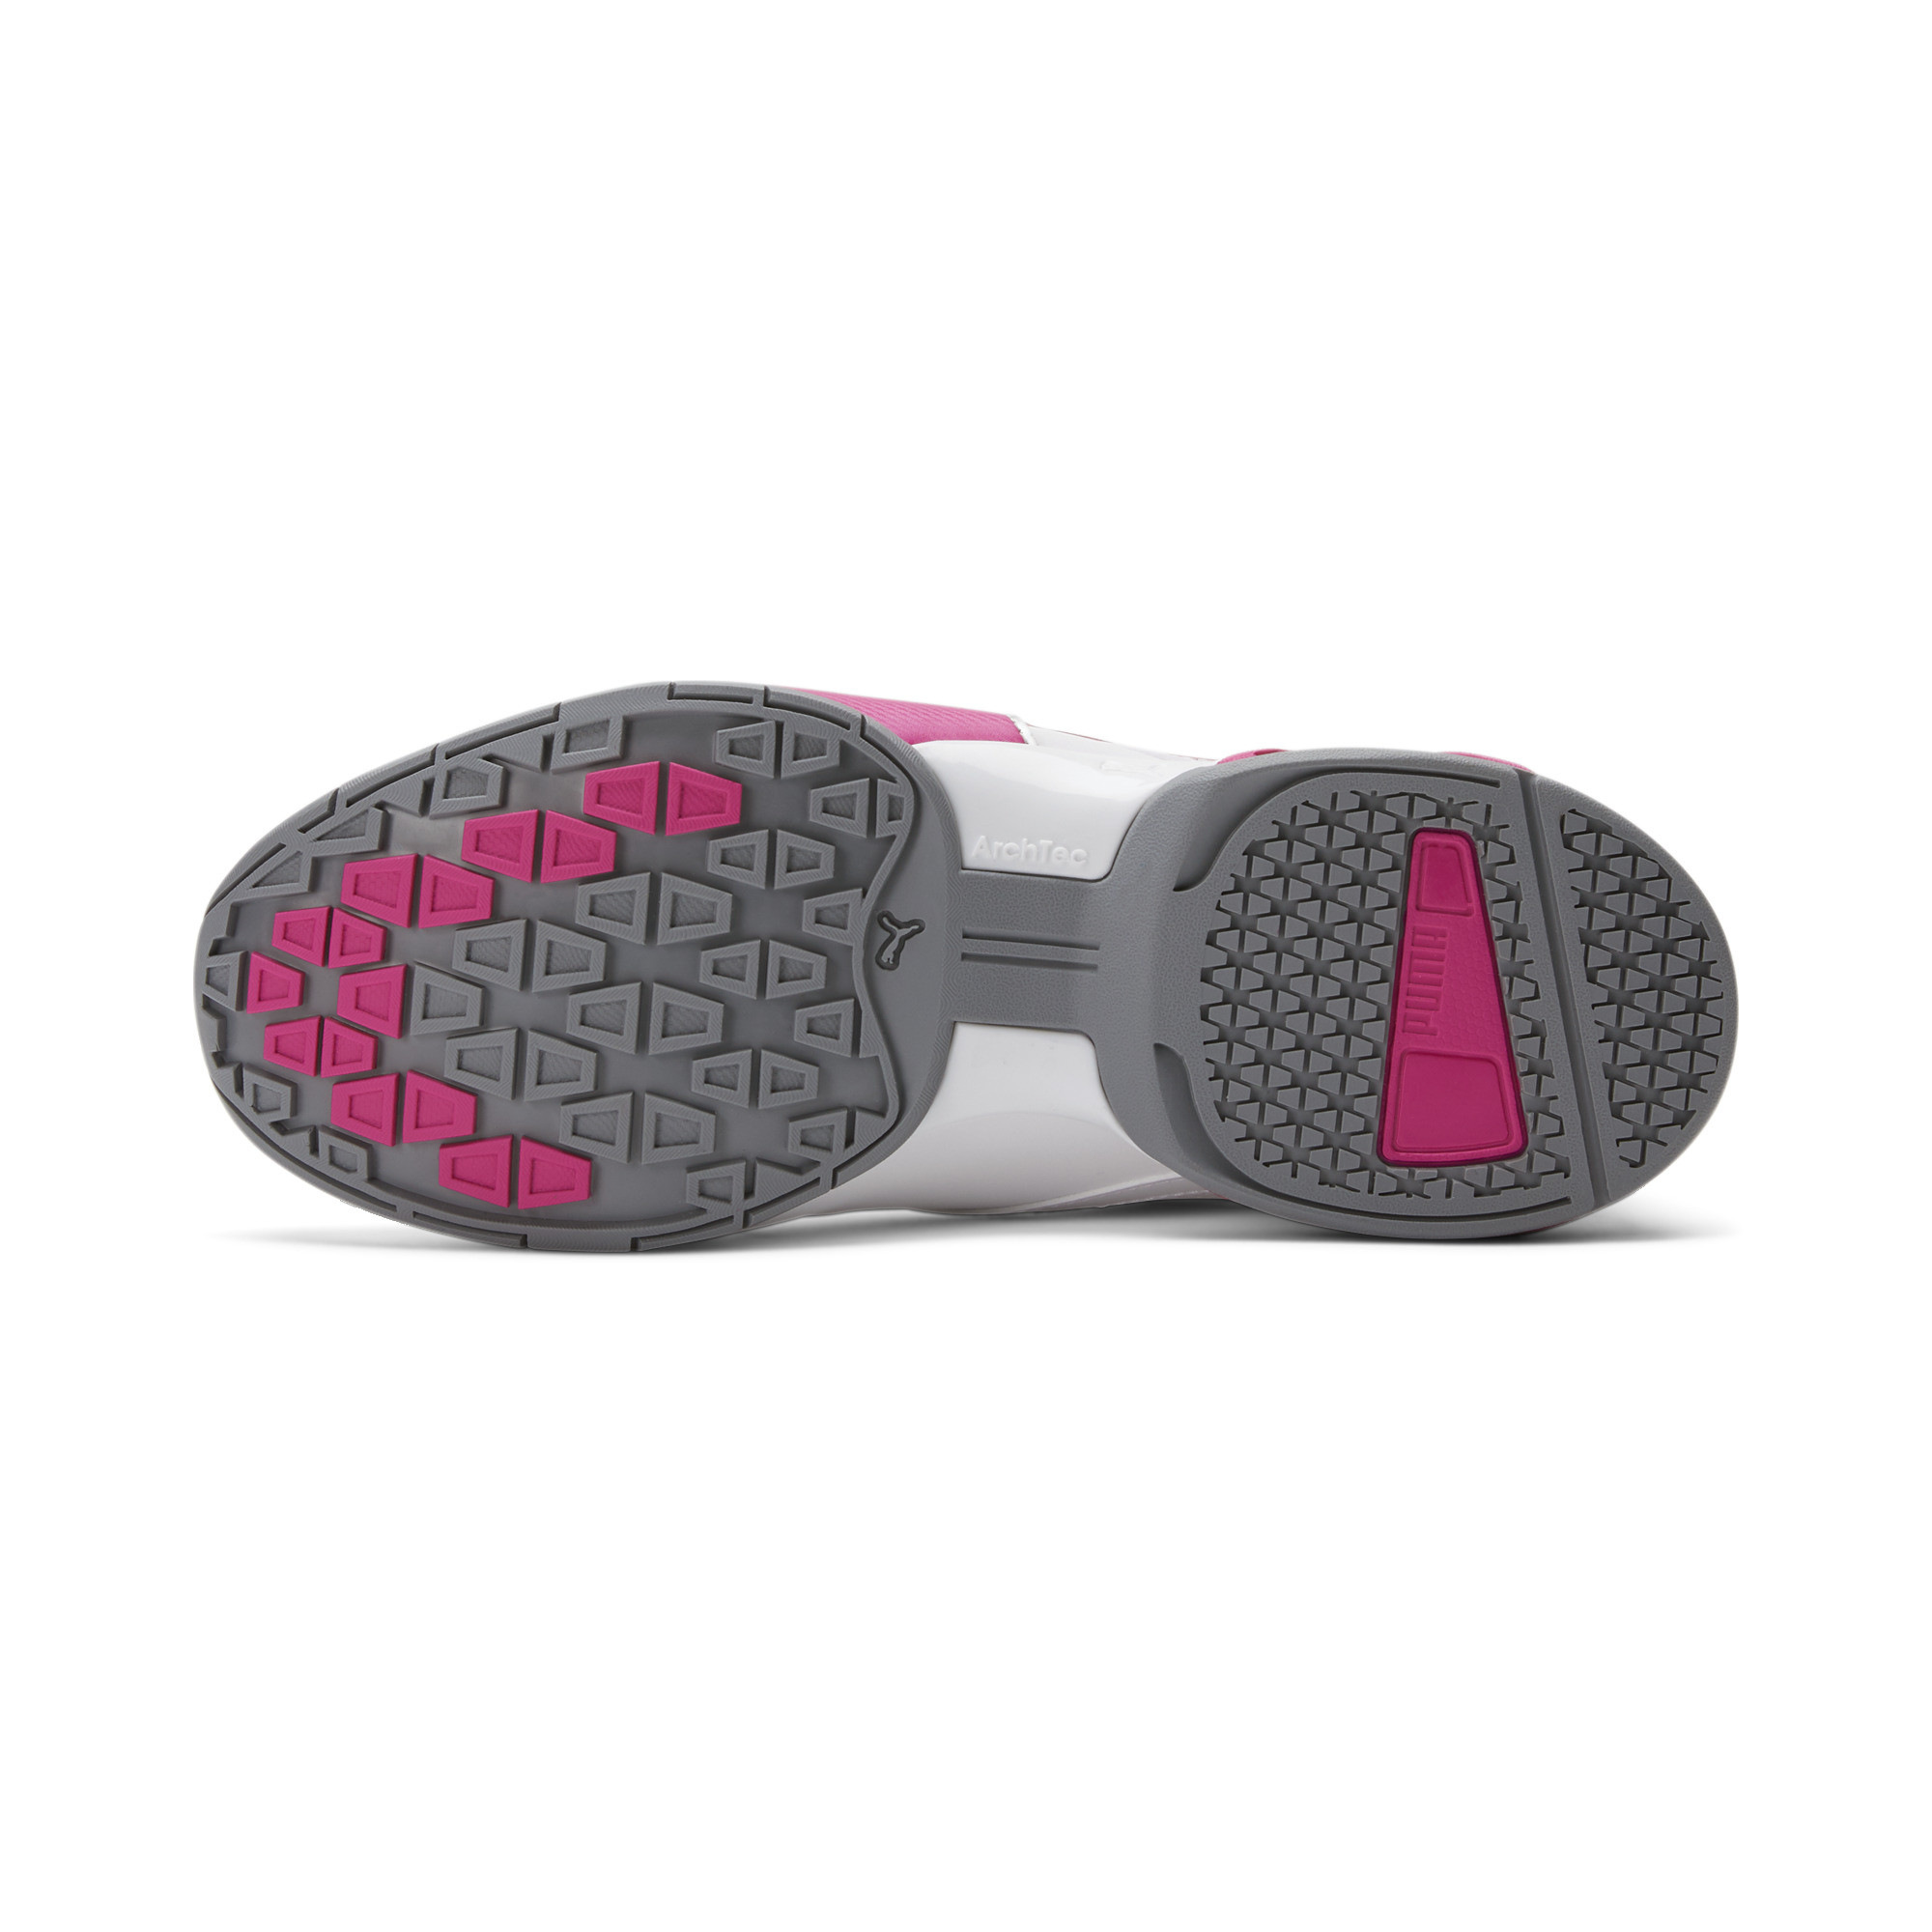 PUMA-Tazon-6-FM-Women-039-s-Sneakers-Women-Shoe-Running thumbnail 12